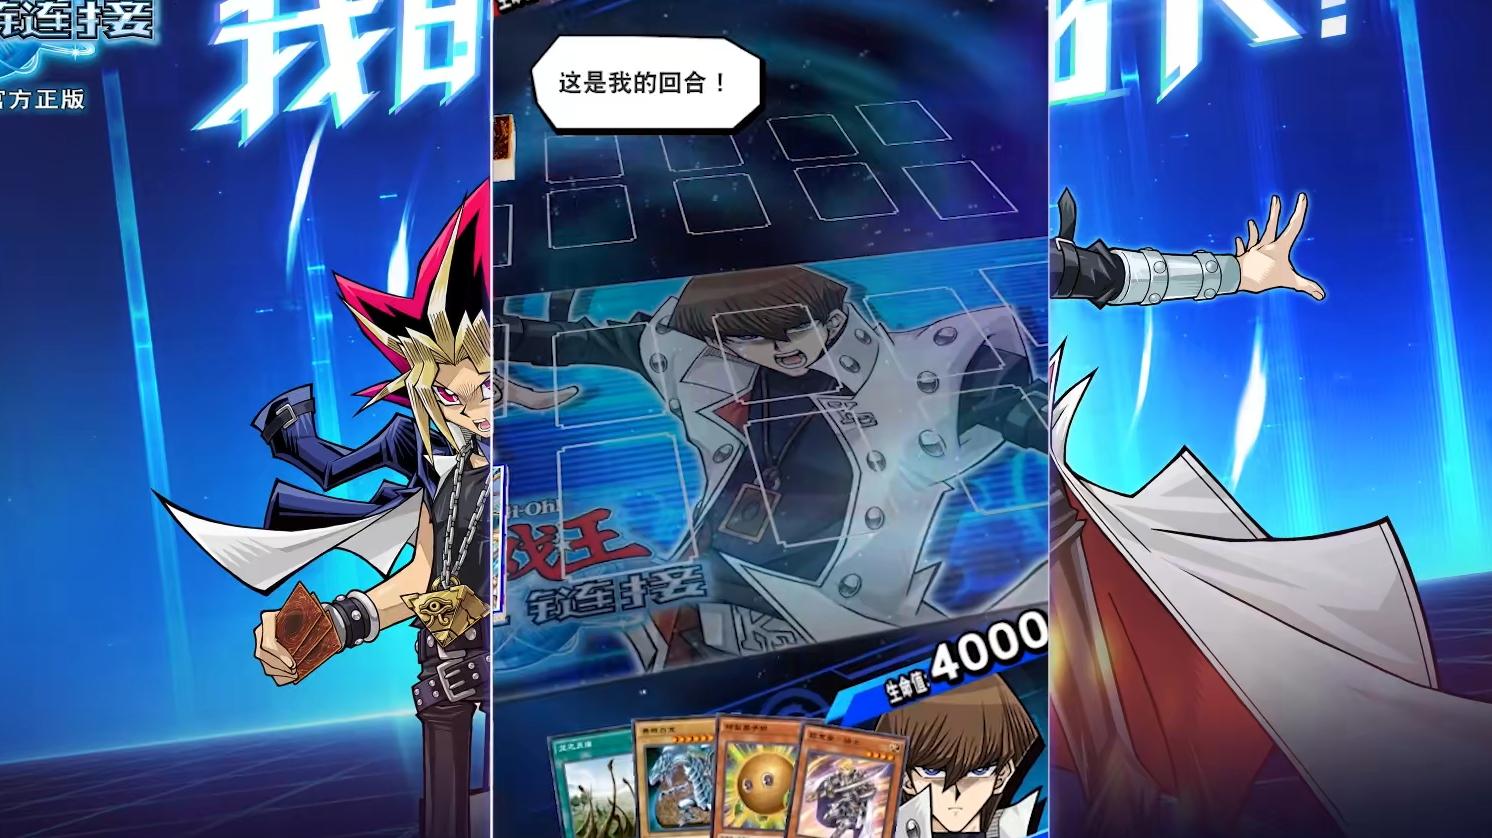 游戏王决斗链接暖虫打机甲怎么玩 暖虫卡牌组合攻略